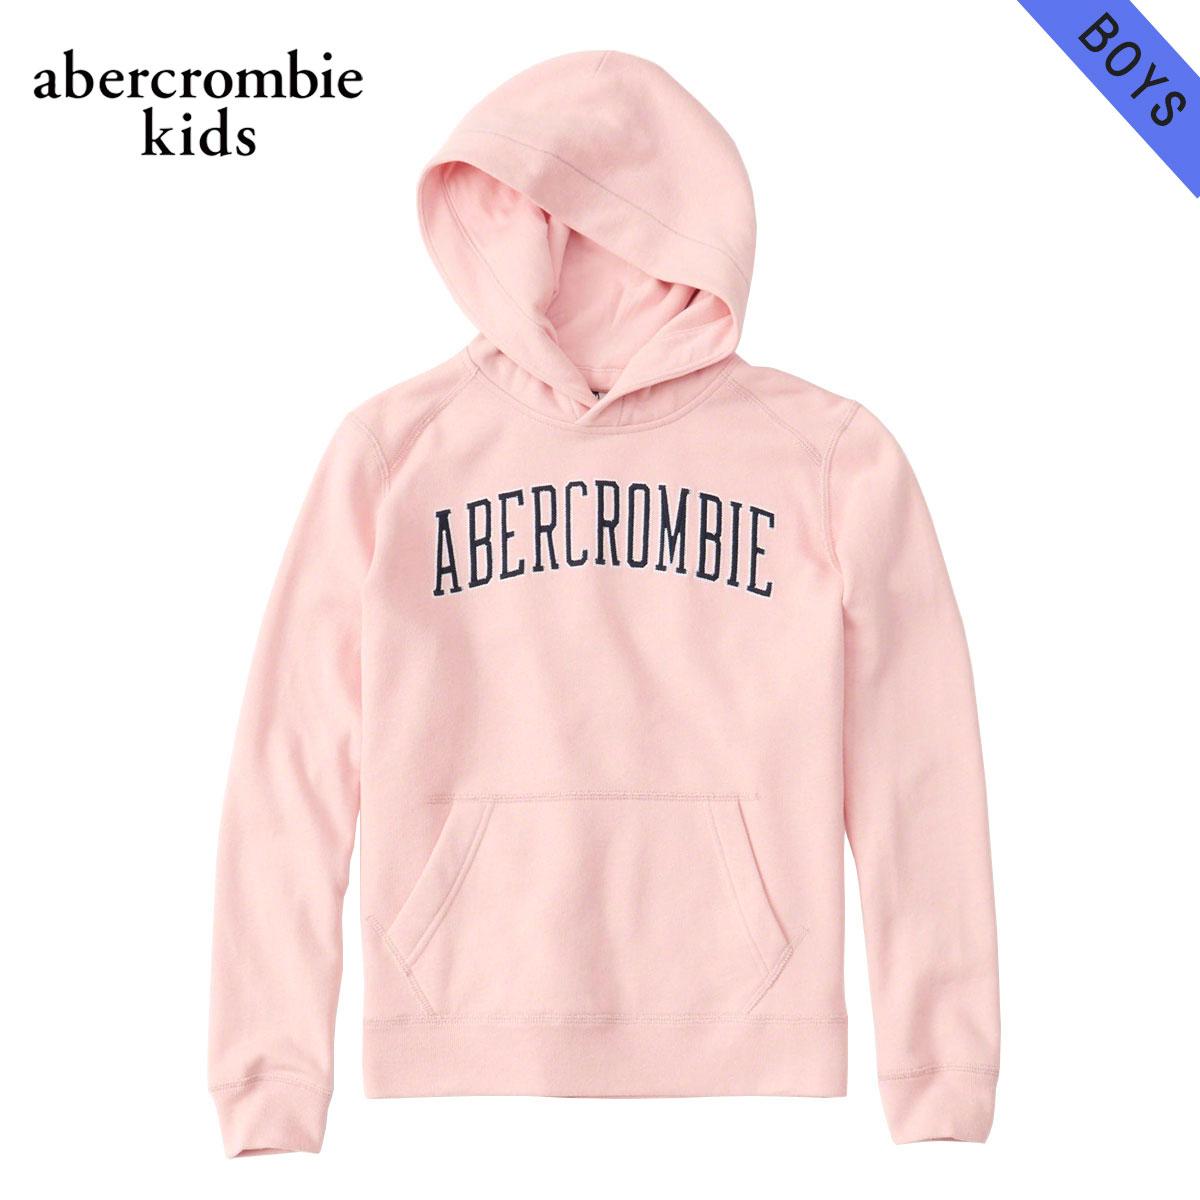 アバクロキッズ パーカー ボーイズ 子供服 正規品 AbercrombieKids プルオーバーパーカー ロゴ embroidered logo hoodie 222-8401-0248-060